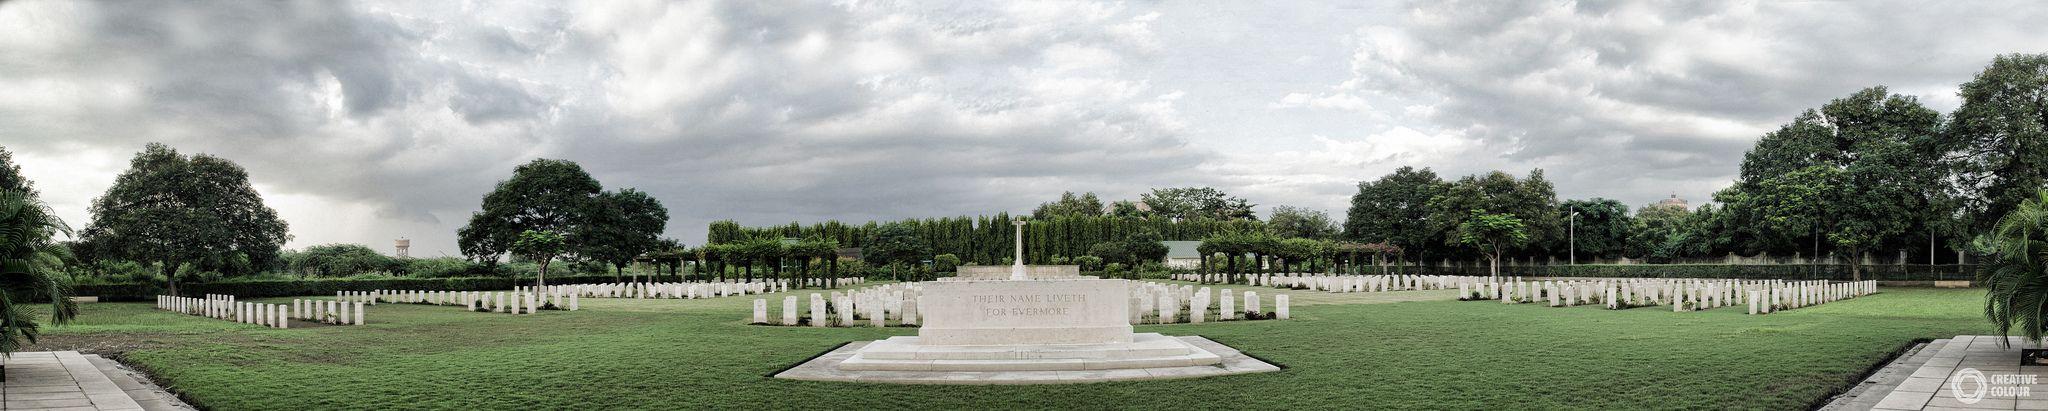 Cemetery Address Finder War Memorial Cemetery Address Finder